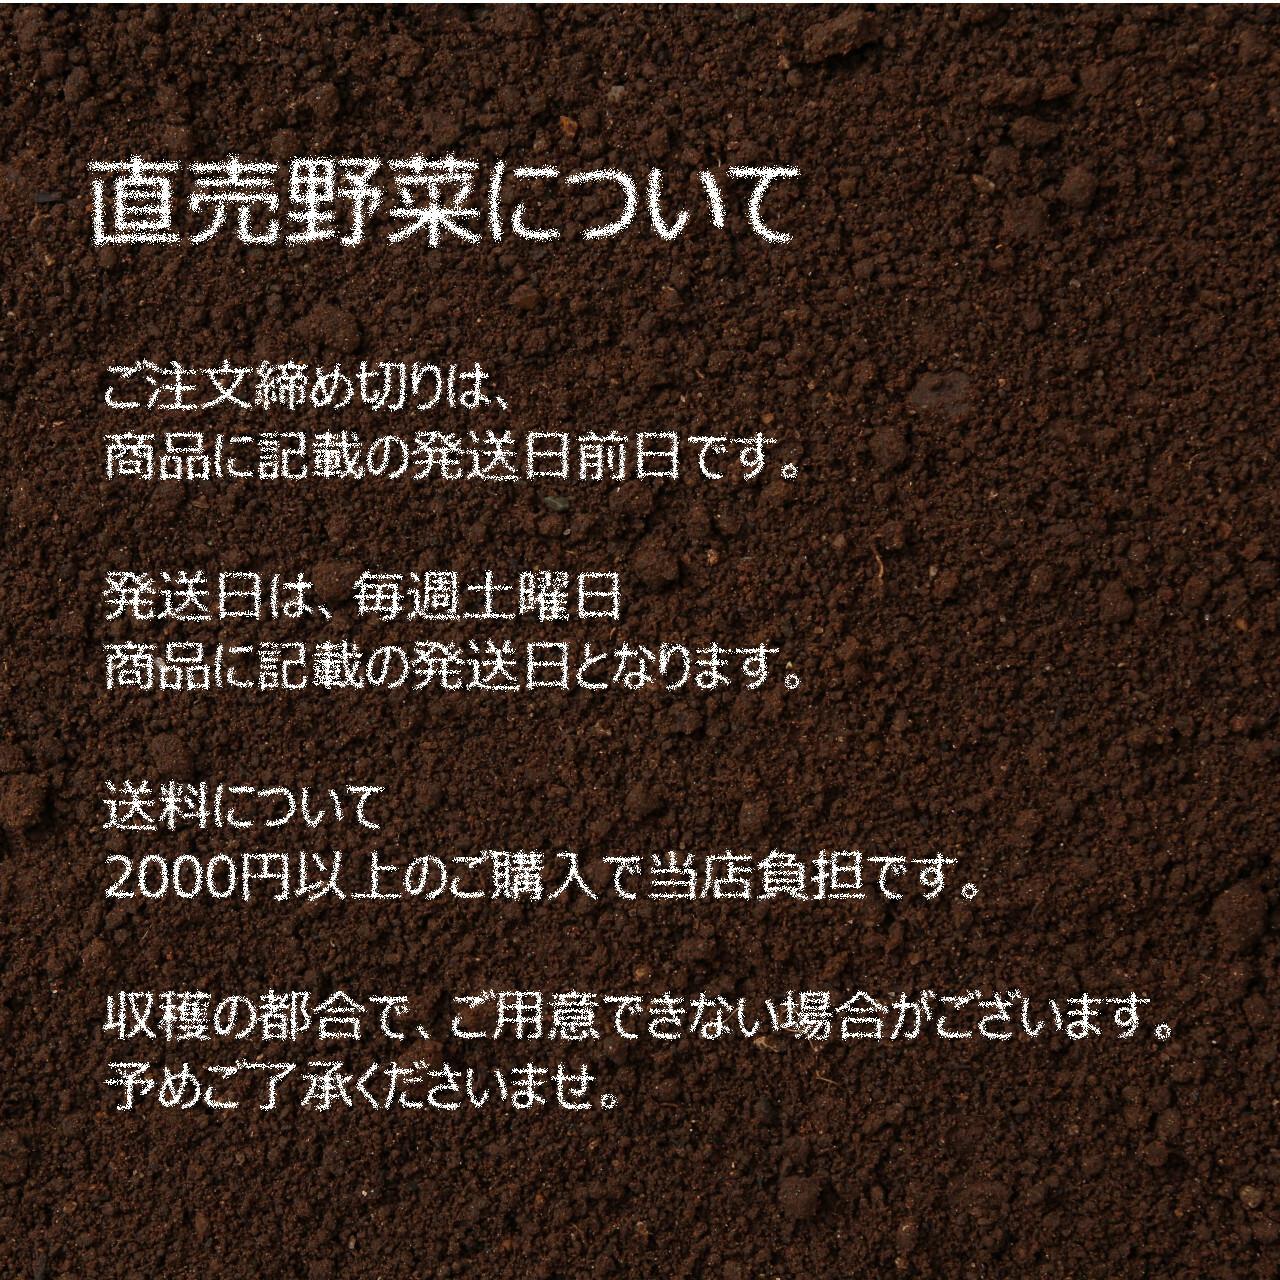 6月の朝採り直売野菜 : サニーレタス 約300g前後 春の新鮮野菜 6月6日発送予定